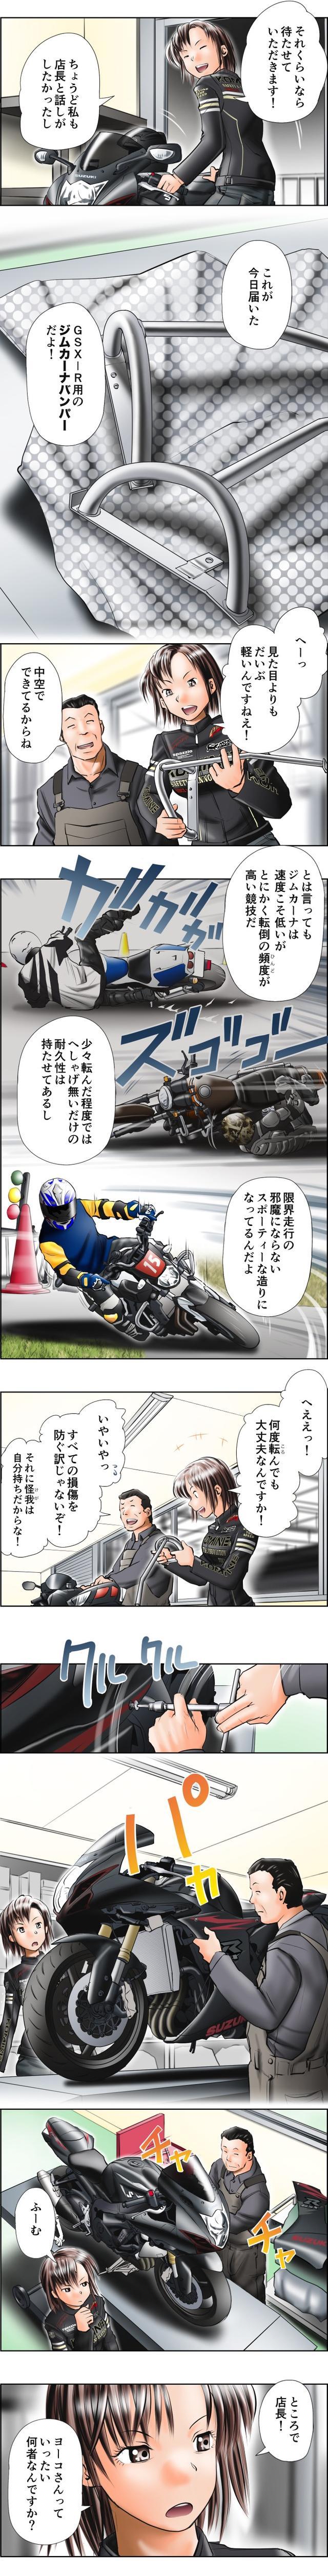 画像2: MOTOジム!(第7話:あんなに上手いのに!)  作・ばどみゅーみん